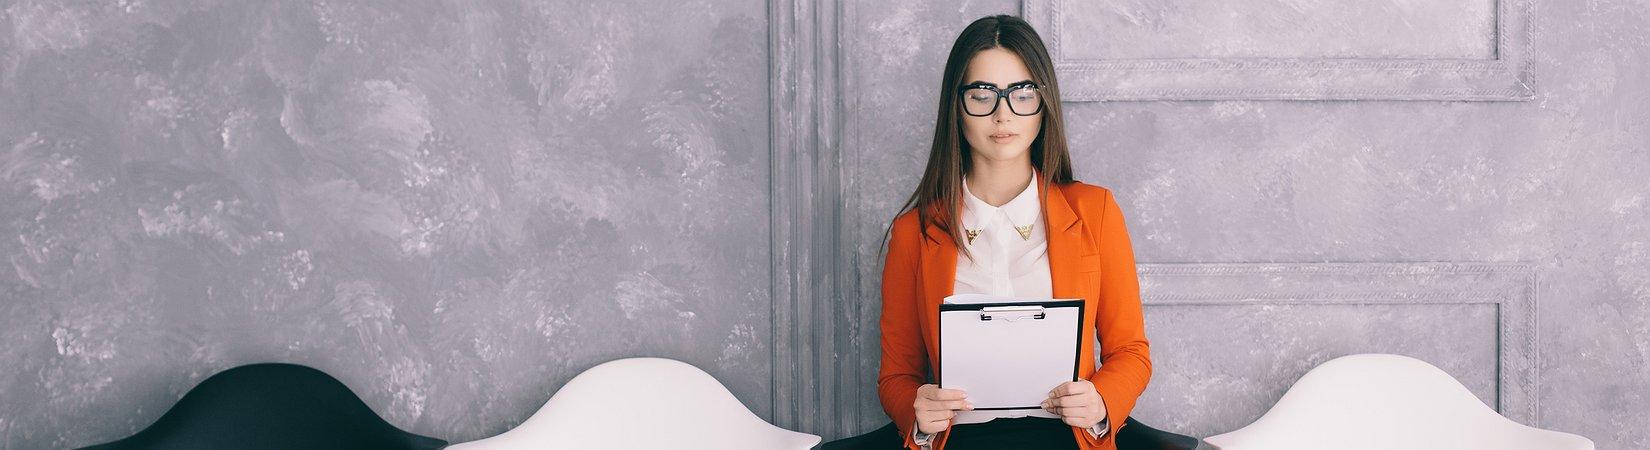 خمس أسرار لمقابلات العمل الناجحة